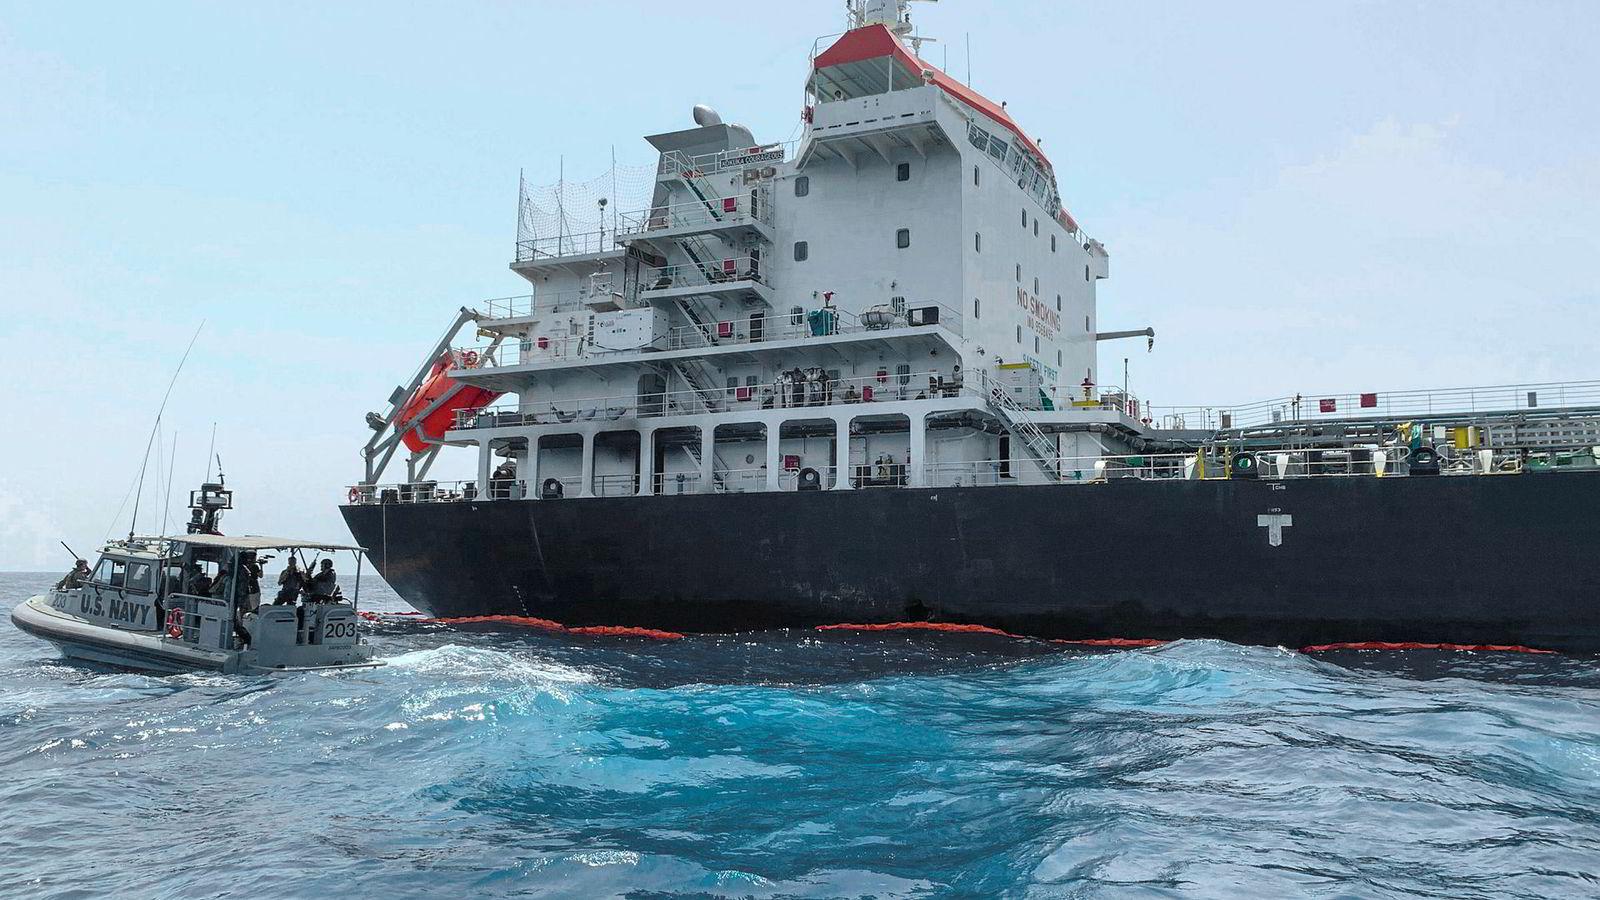 Det eskalerte for fullt da USA forrige uke beskyldte Iran for å stå bak eksplosjoner på to tankskip i Omanbukta. Her er japanskeide Kokuka Courageous, et av skipene som ble angrepet.